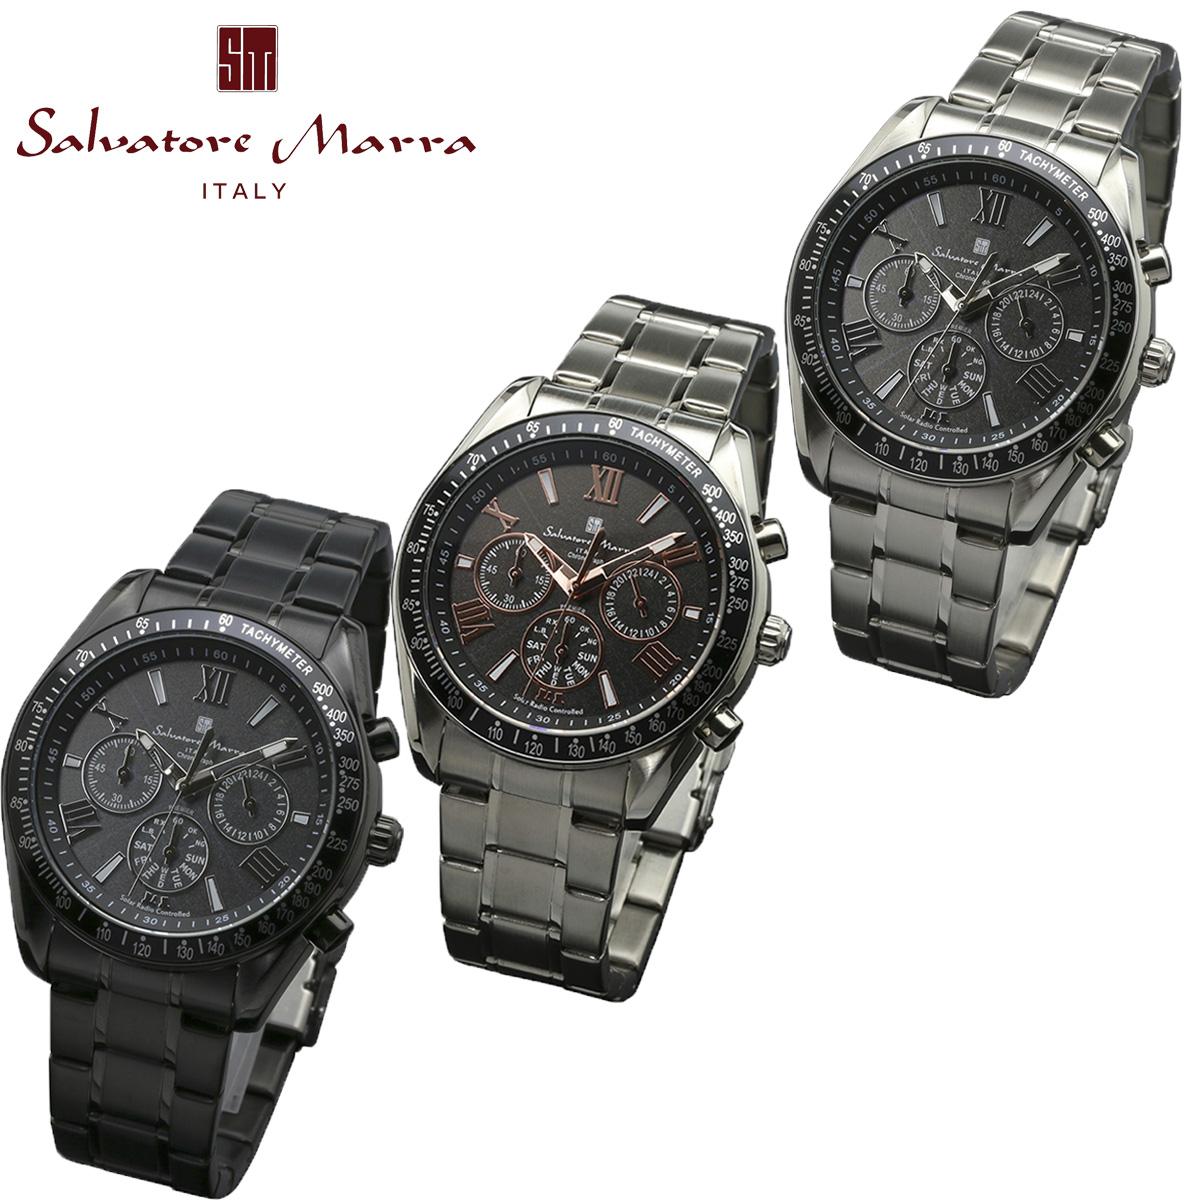 【ラッピング無料】サルバトーレマーラ 電波 ソーラー クロノグラフ Salvatore Marra メンズ 男性用 腕時計 スポーティデザイン SM15116シリーズ 時計 電波ソーラー 仕事用腕時計 ブランドウォッチ ビジネスウォッチ